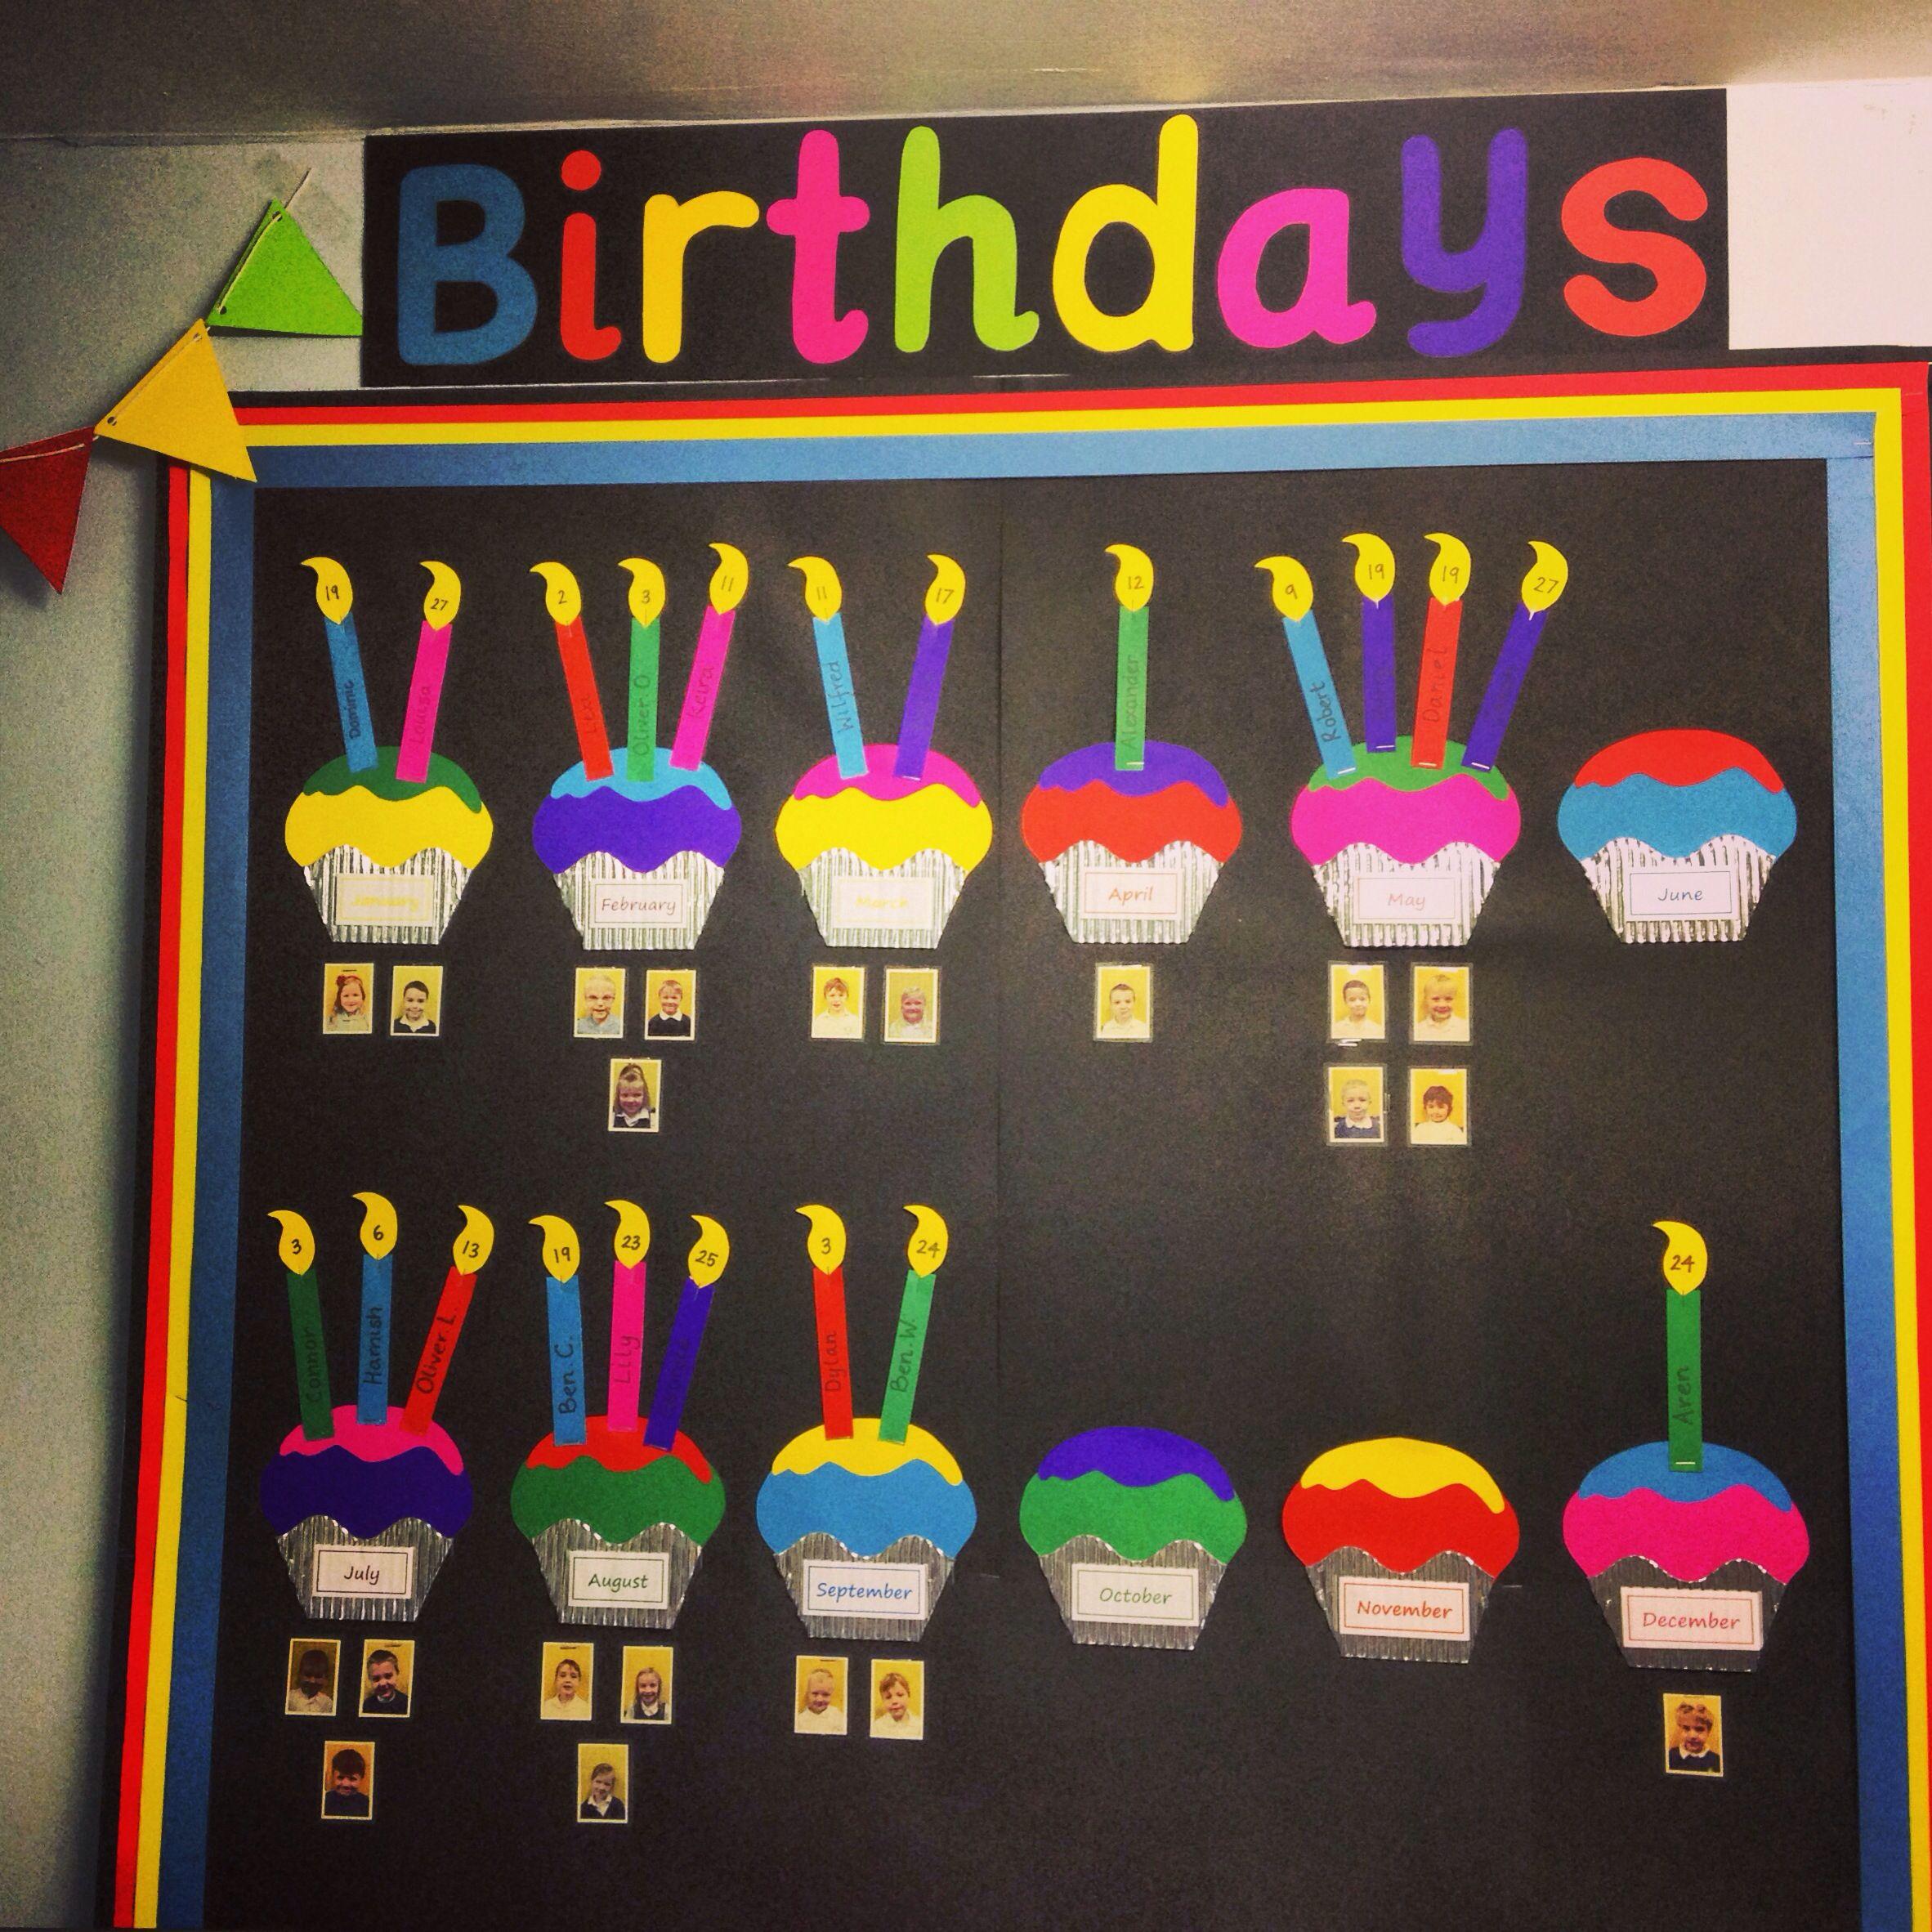 Birthdays Display Board!